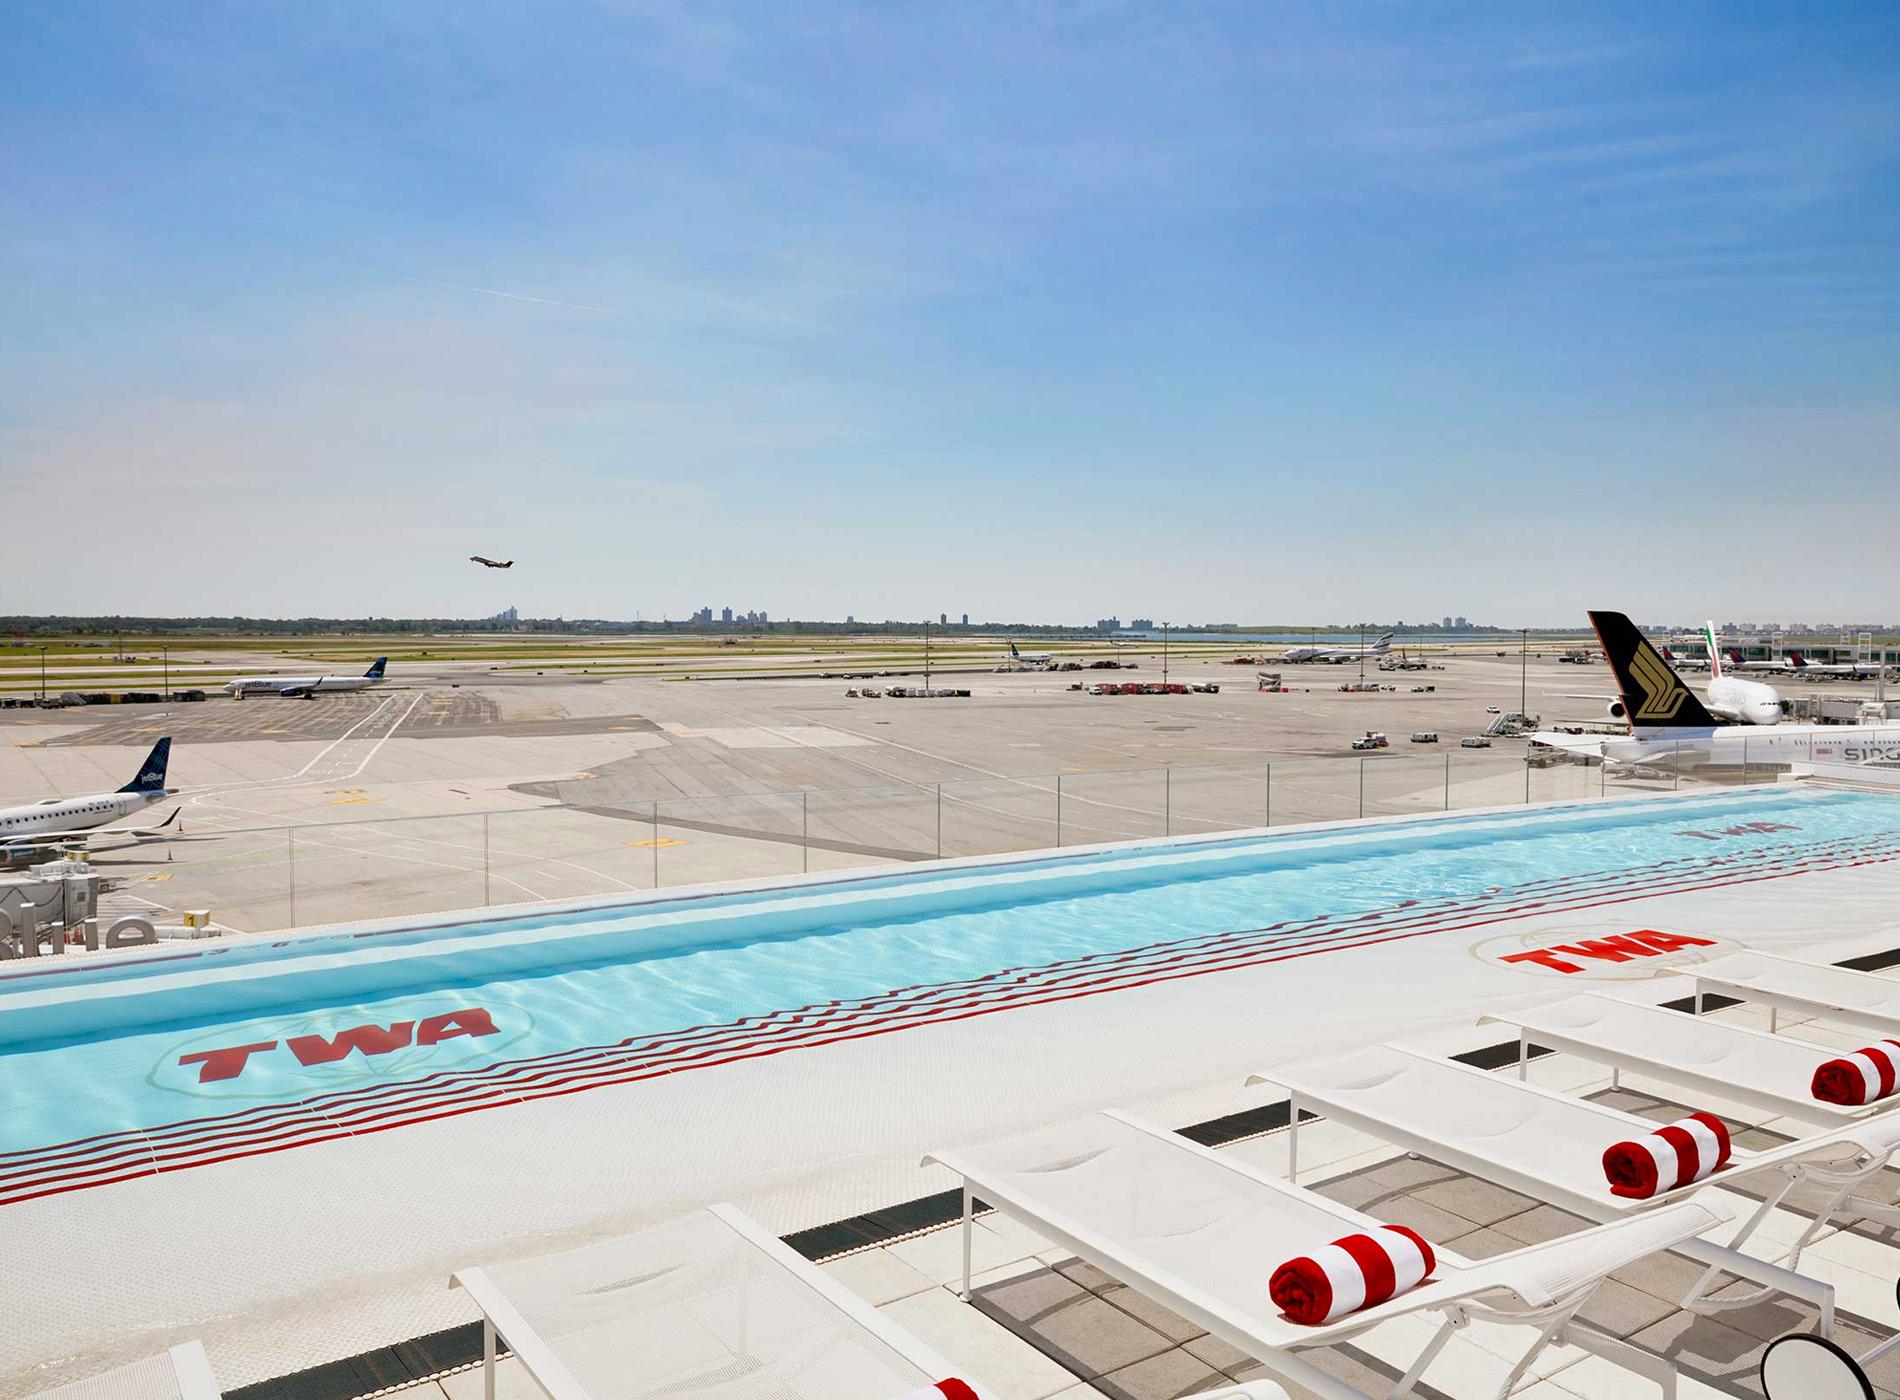 TWA Hotel New York JFK Airport TWA Flight Center Pool Bar Observation Deck